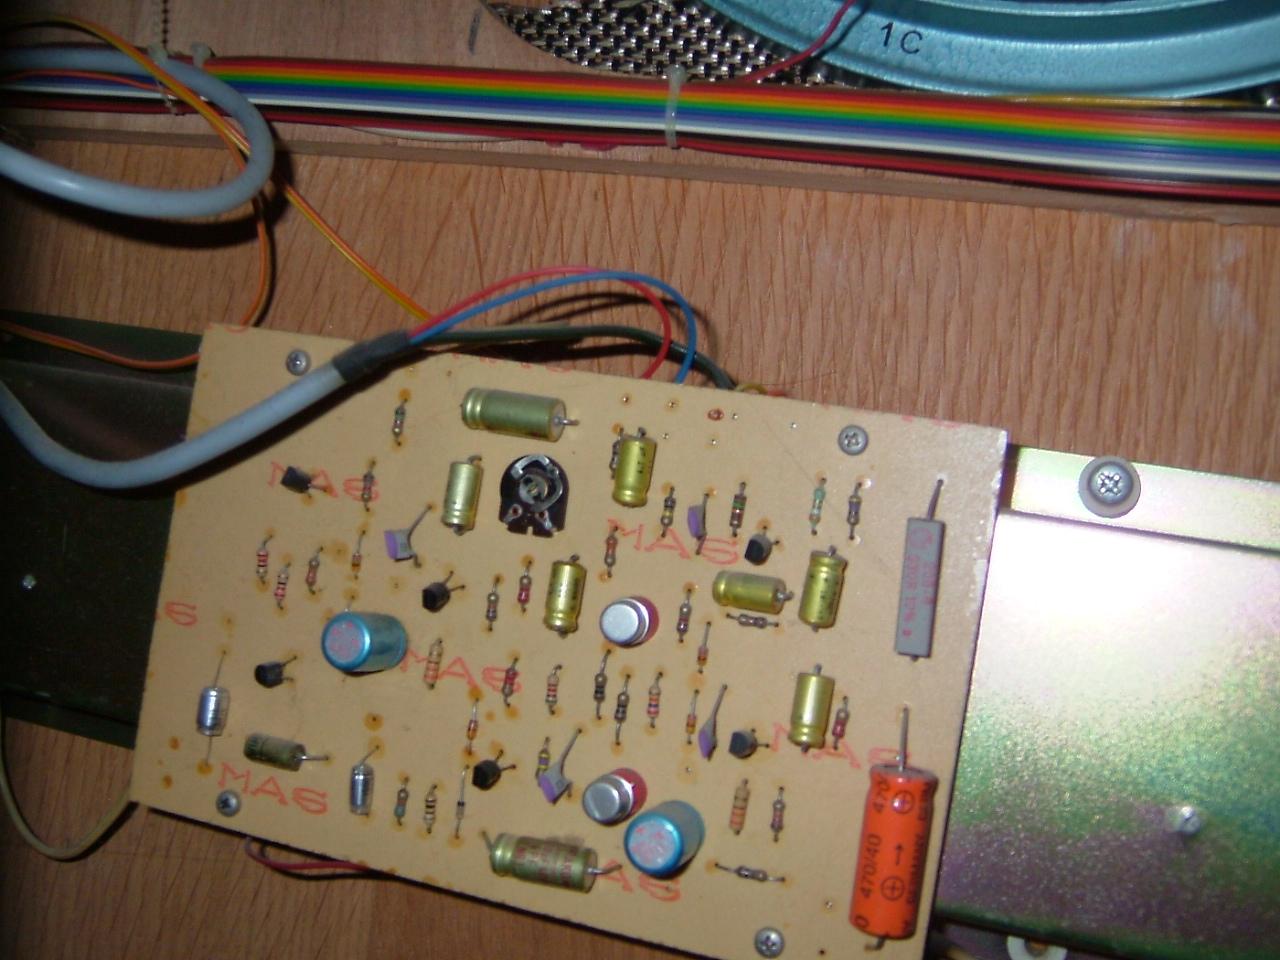 analoge Orgel reparieren - Mikrocontroller.net